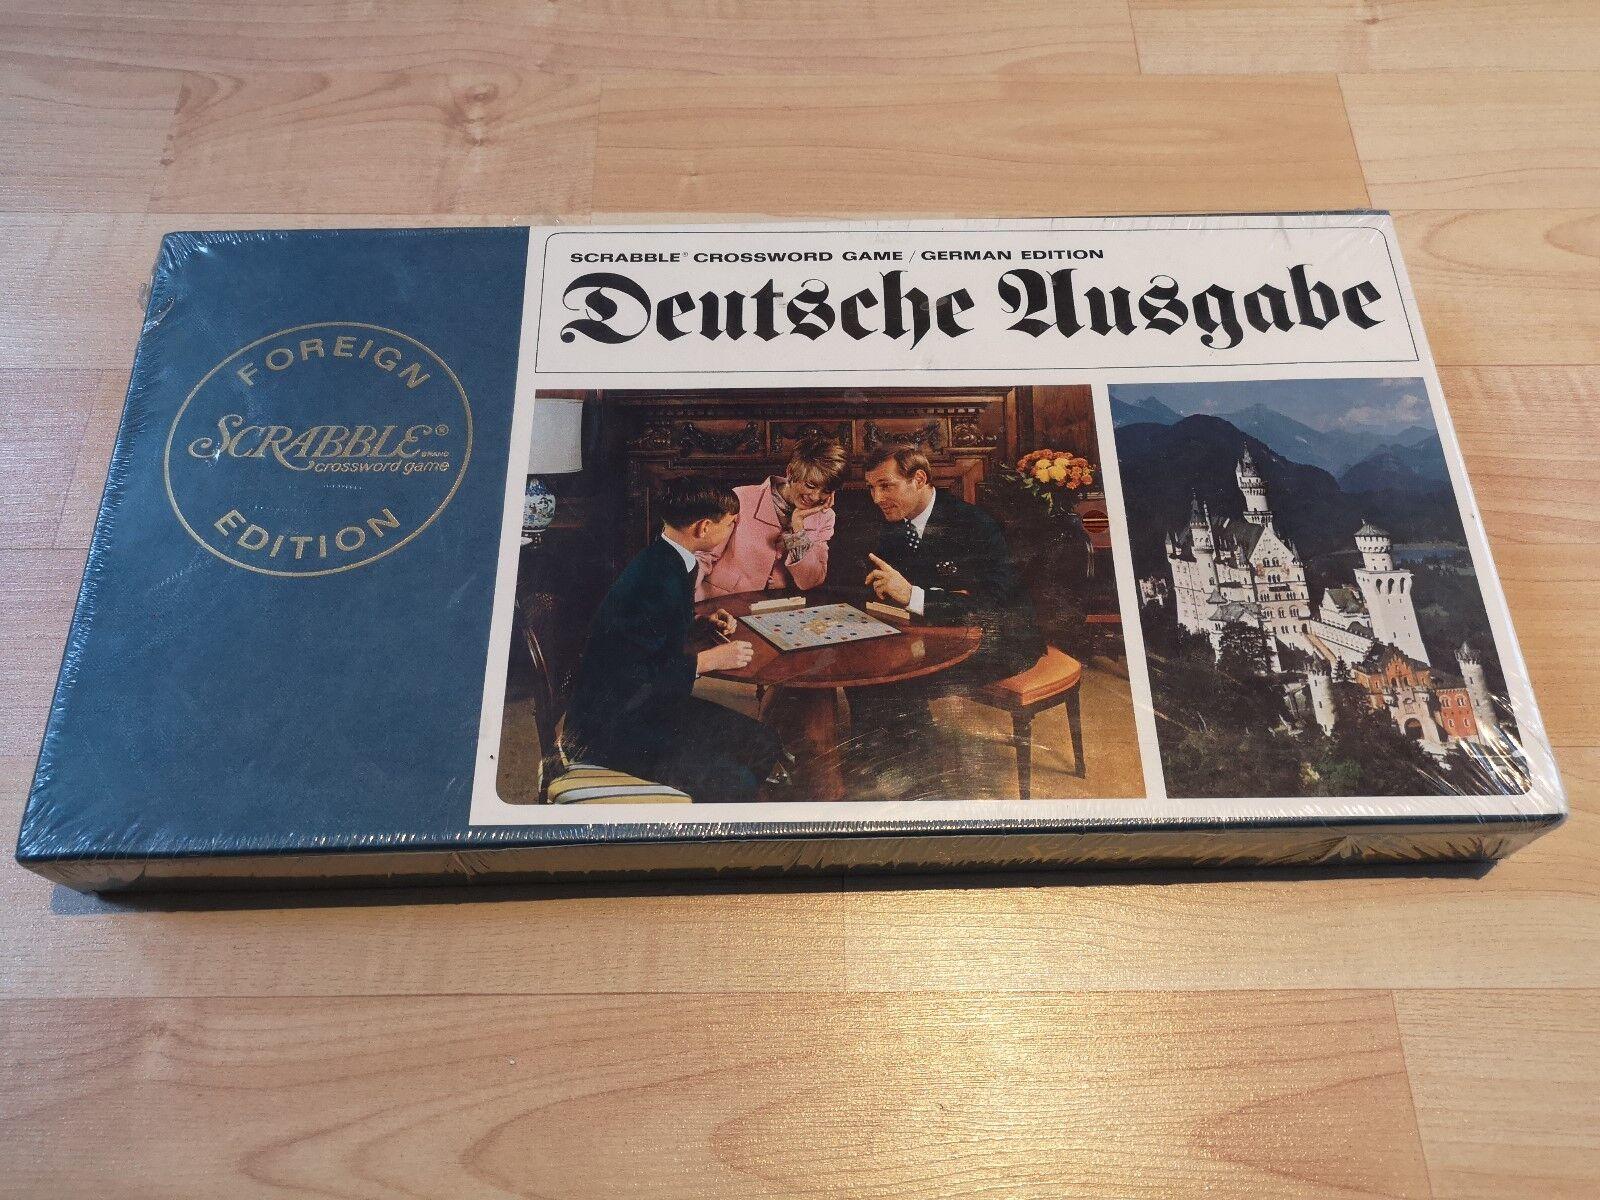 Brettspiel Spiel Scrabble crossword game deutsche Ausgabe unbespielt OVP  1556